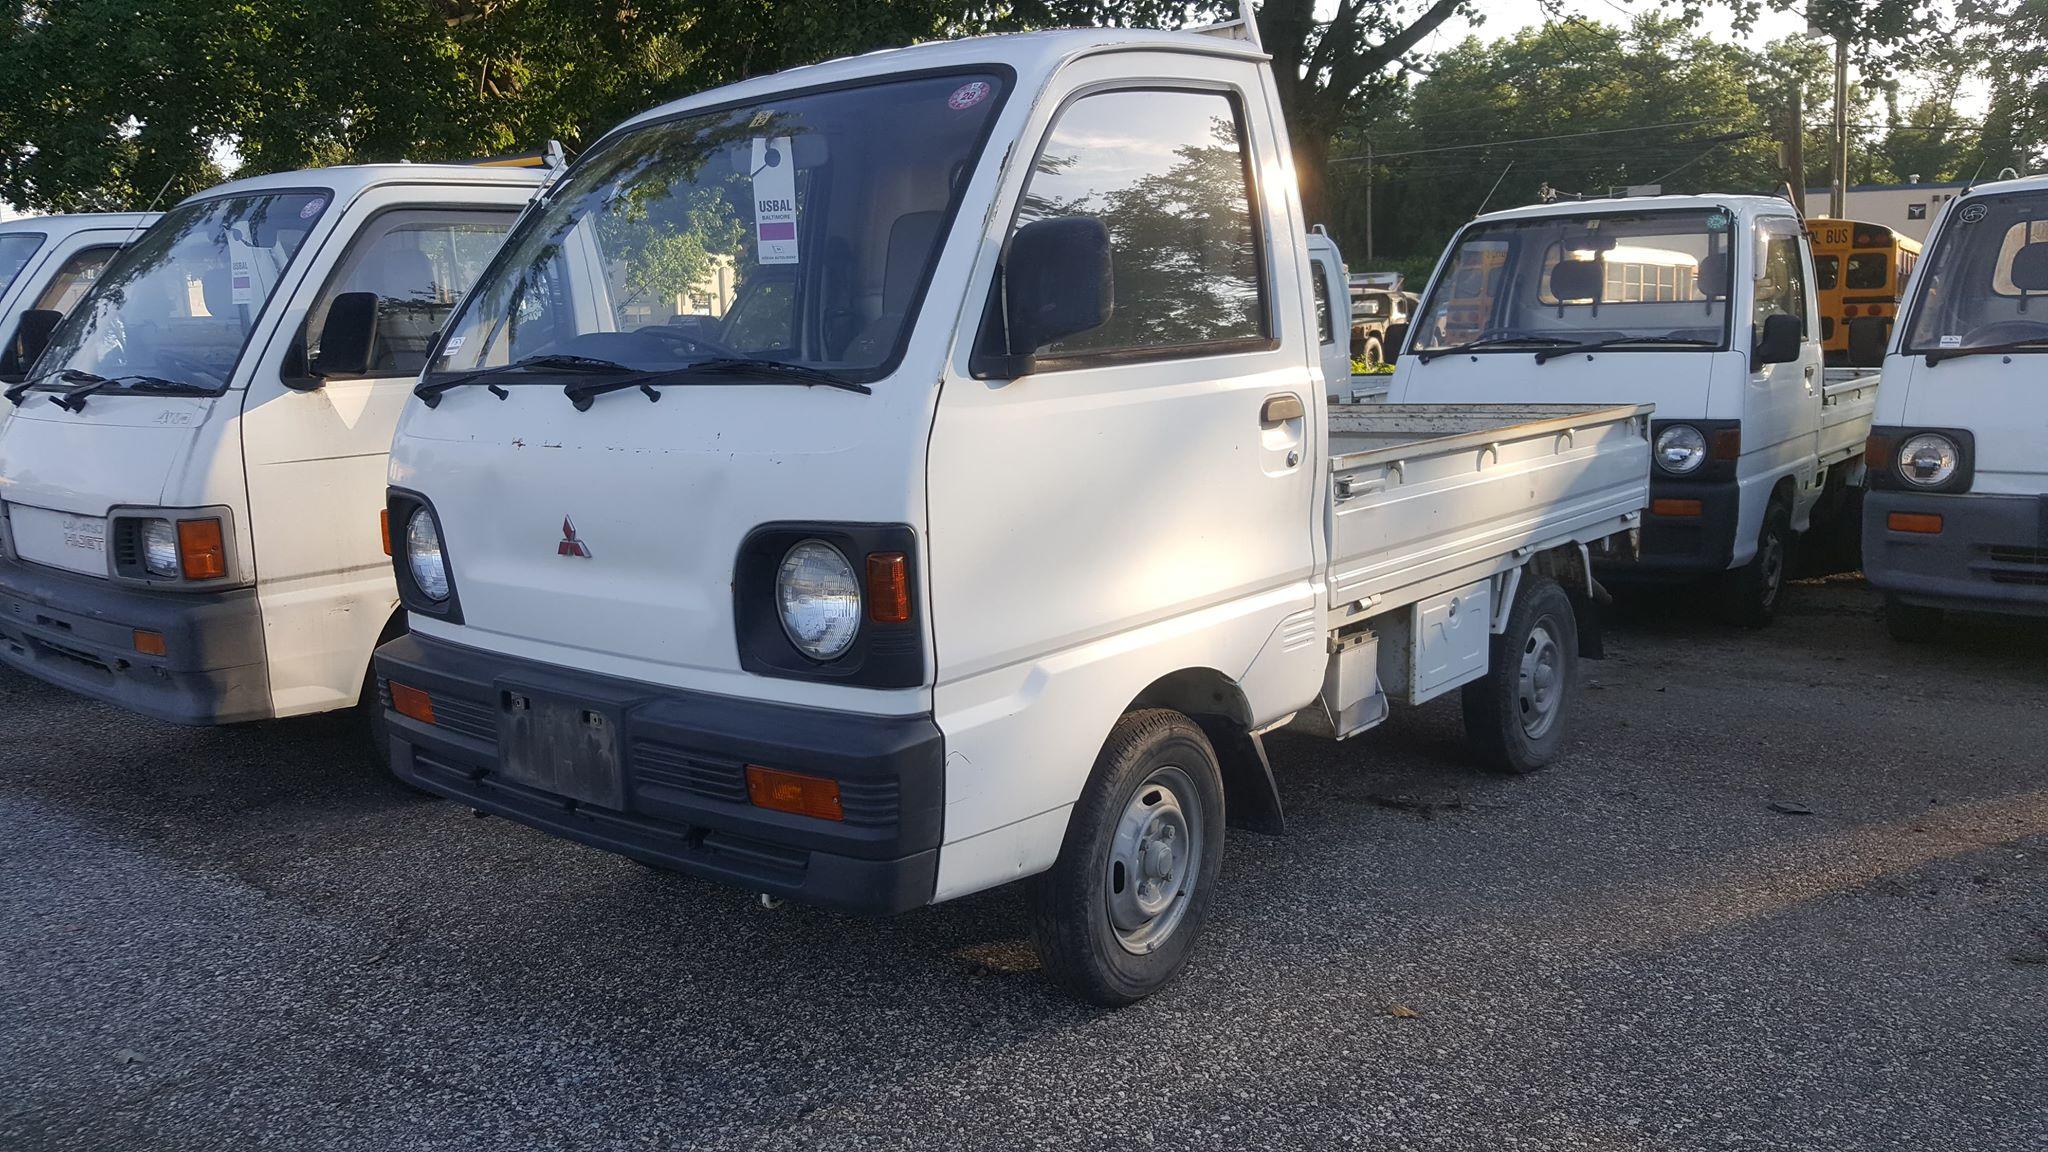 1993 Mitsubishi Minicab 2WD - $4,400